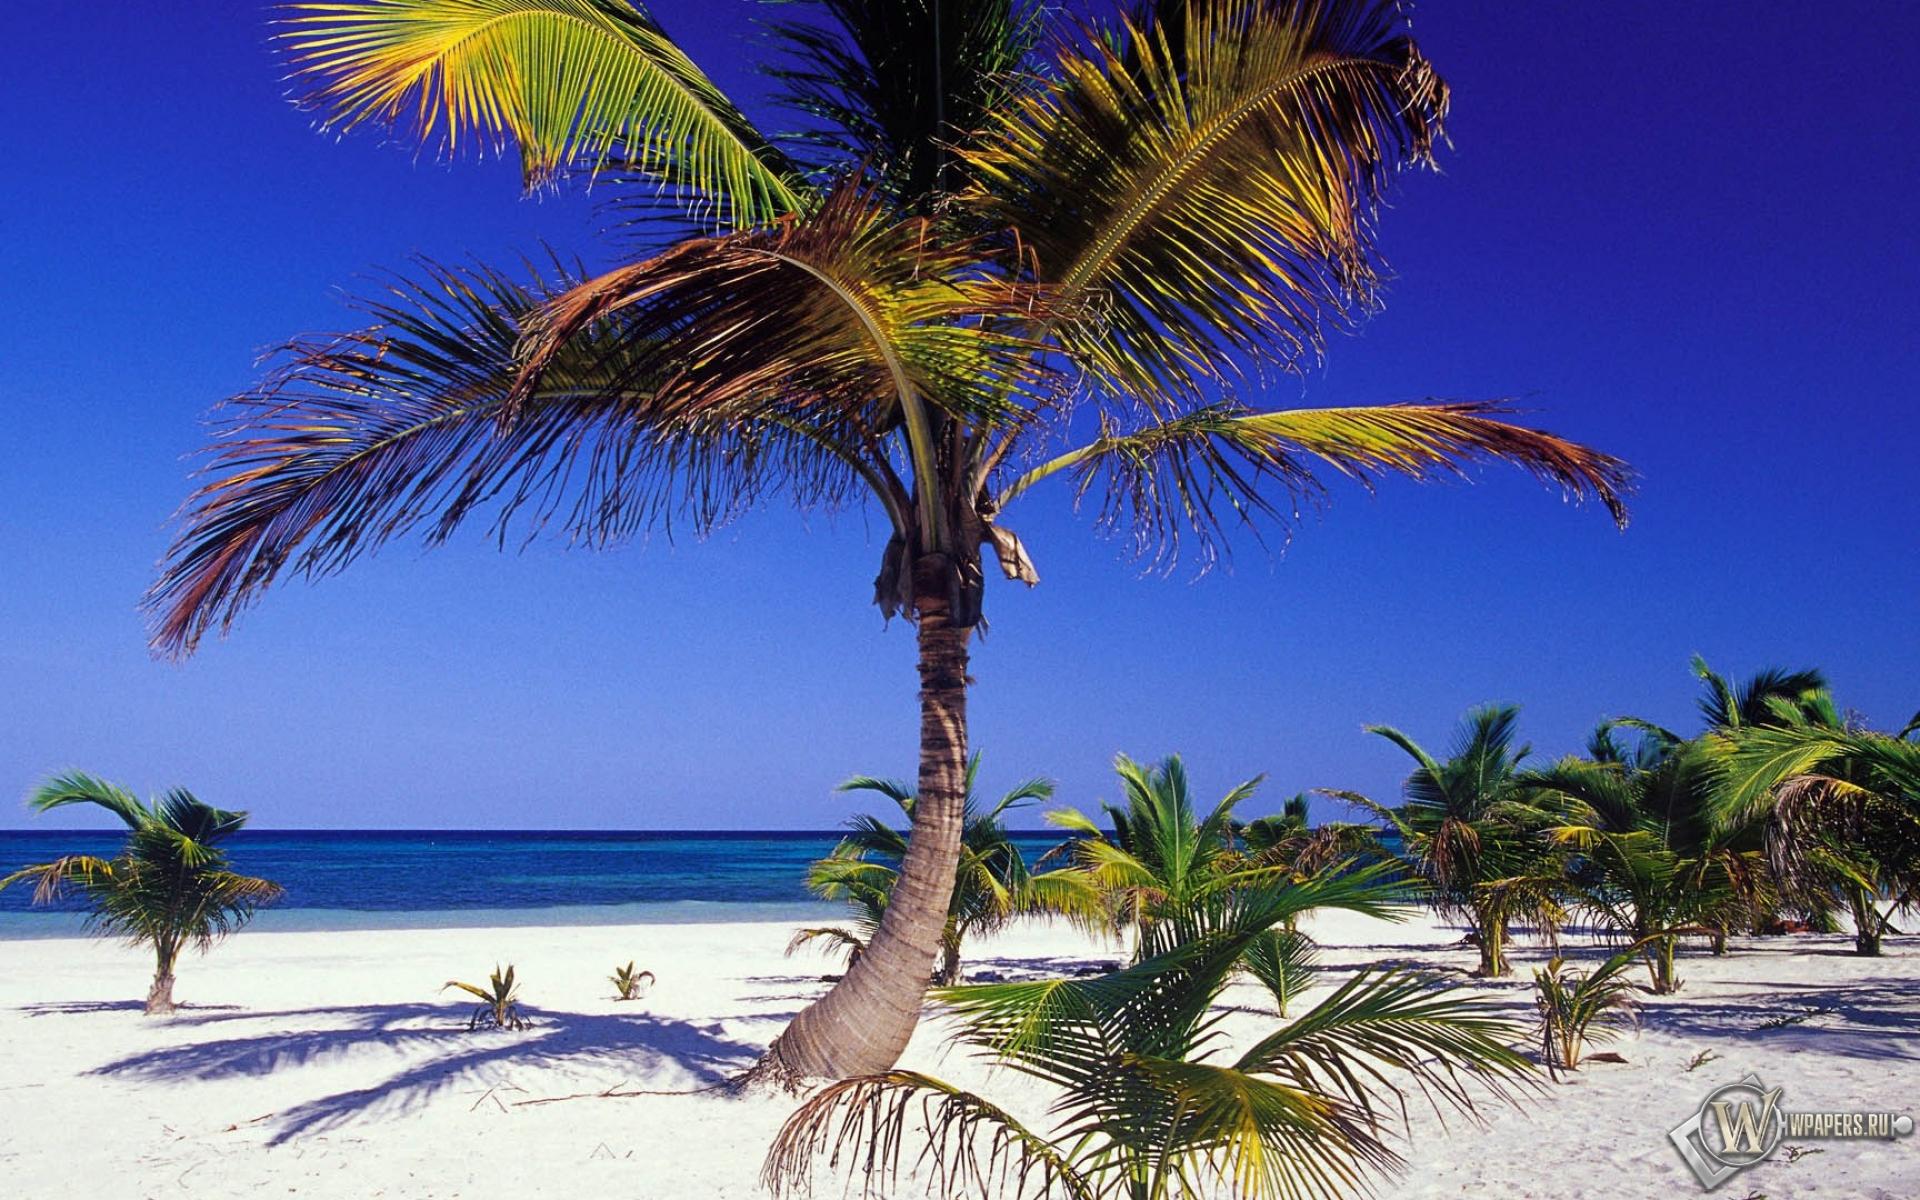 картинки пальмы на побережье нашем каталоге представлен